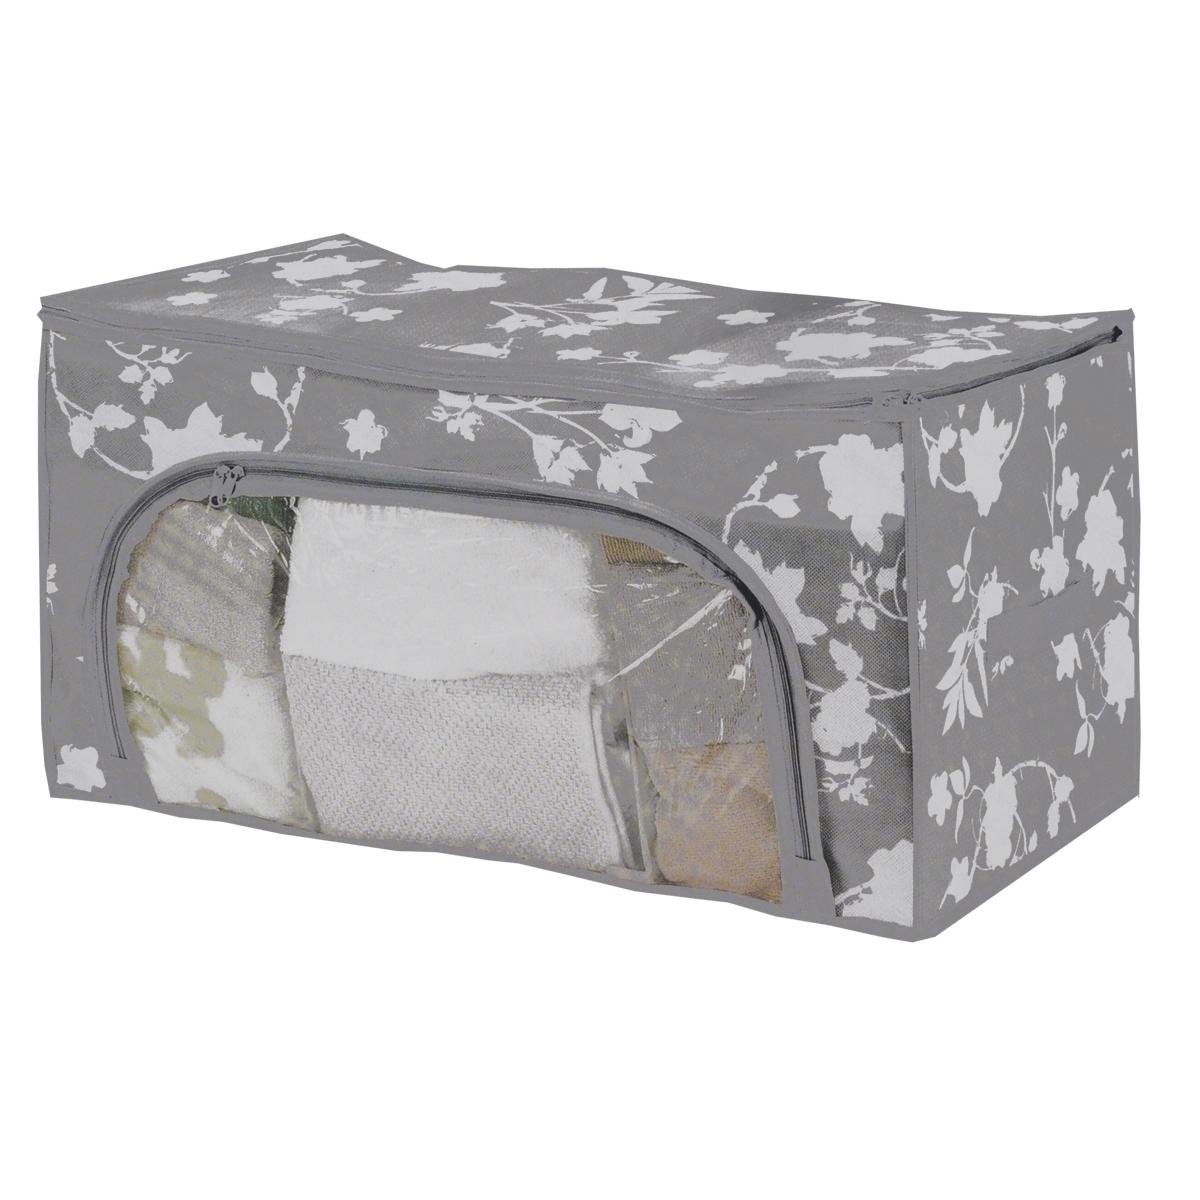 Кофр для хранения Цветочные мотивы, цвет: серый, 56 см х 36 см х 30 смFS-6528Кофр для хранения Цветочные мотивы изготовлен из высококачественного нетканого материала, который позволяет сохранять естественную вентиляцию, а воздуху свободно проникать внутрь, не пропуская пыль. Предназначен для хранения домашнего текстиля и одежды. Закрывается на молнию. Имеет прозрачное окошко из ПВХ на молнии, которое позволяет видеть содержимое. Благодаря специальным вставкам, кофр прекрасно держит форму, а эстетичный дизайн с красивым растительным узором гармонично смотрится в любом интерьере. Сбоку кофр оснащен ручкой. Мобильность конструкции обеспечивает легкое складывание и раскладывание.